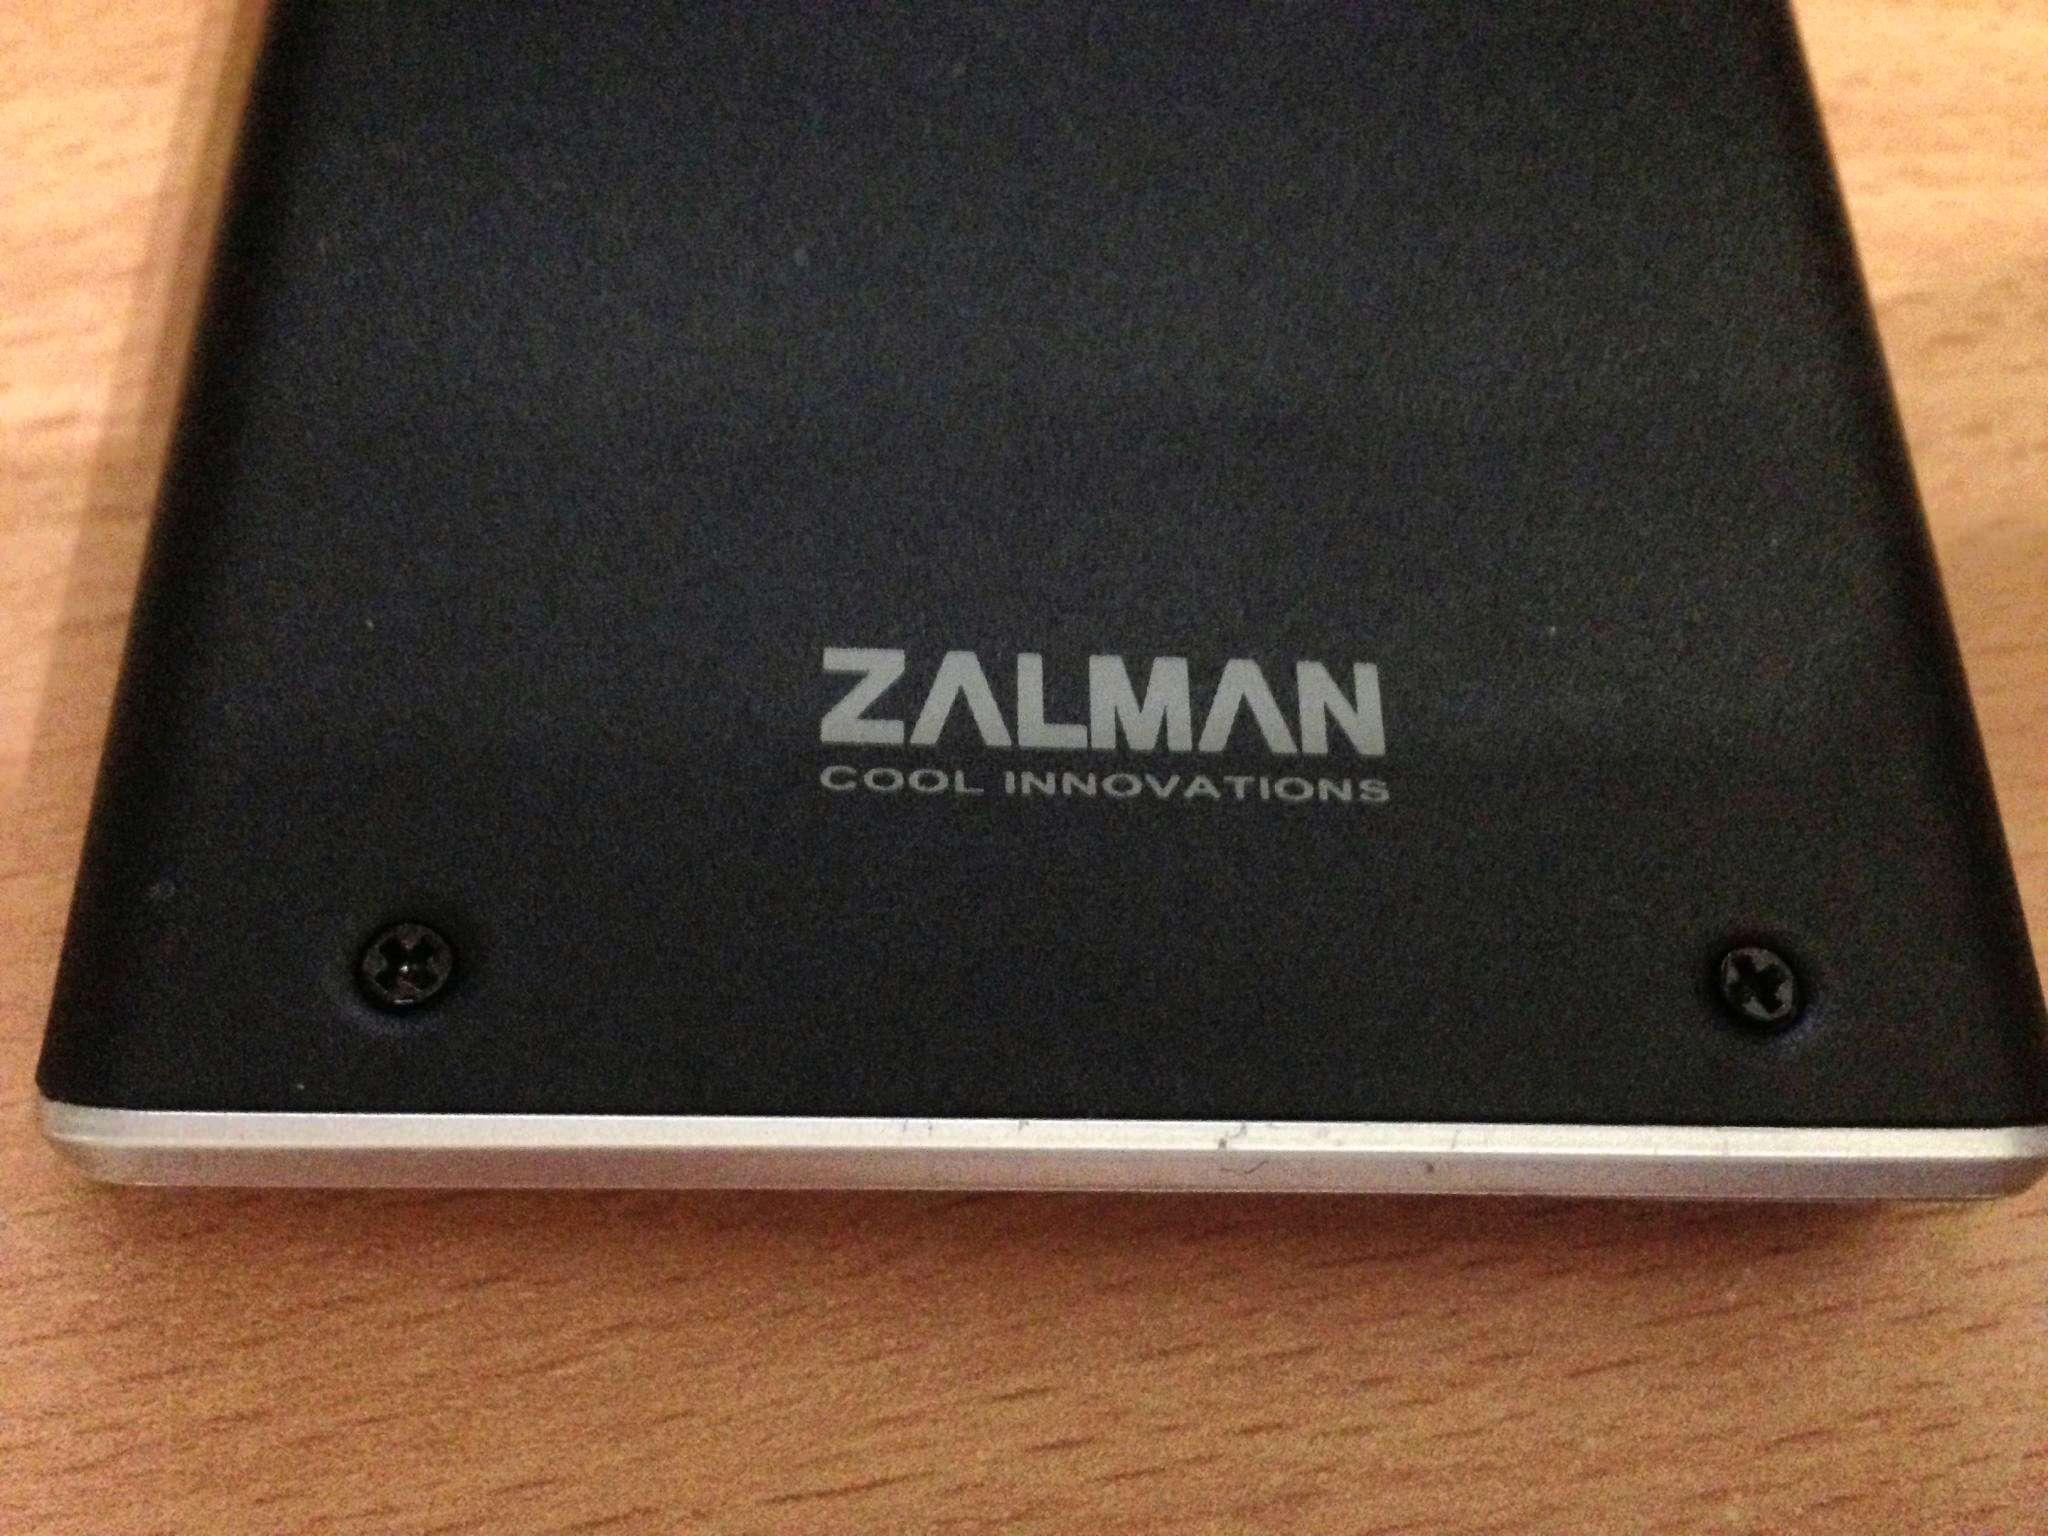 23/05/· Z9 plus zalman - Hdd box NP. Loading Сборка компьютера для новичков Сборка компа в корпус Zalman z9.